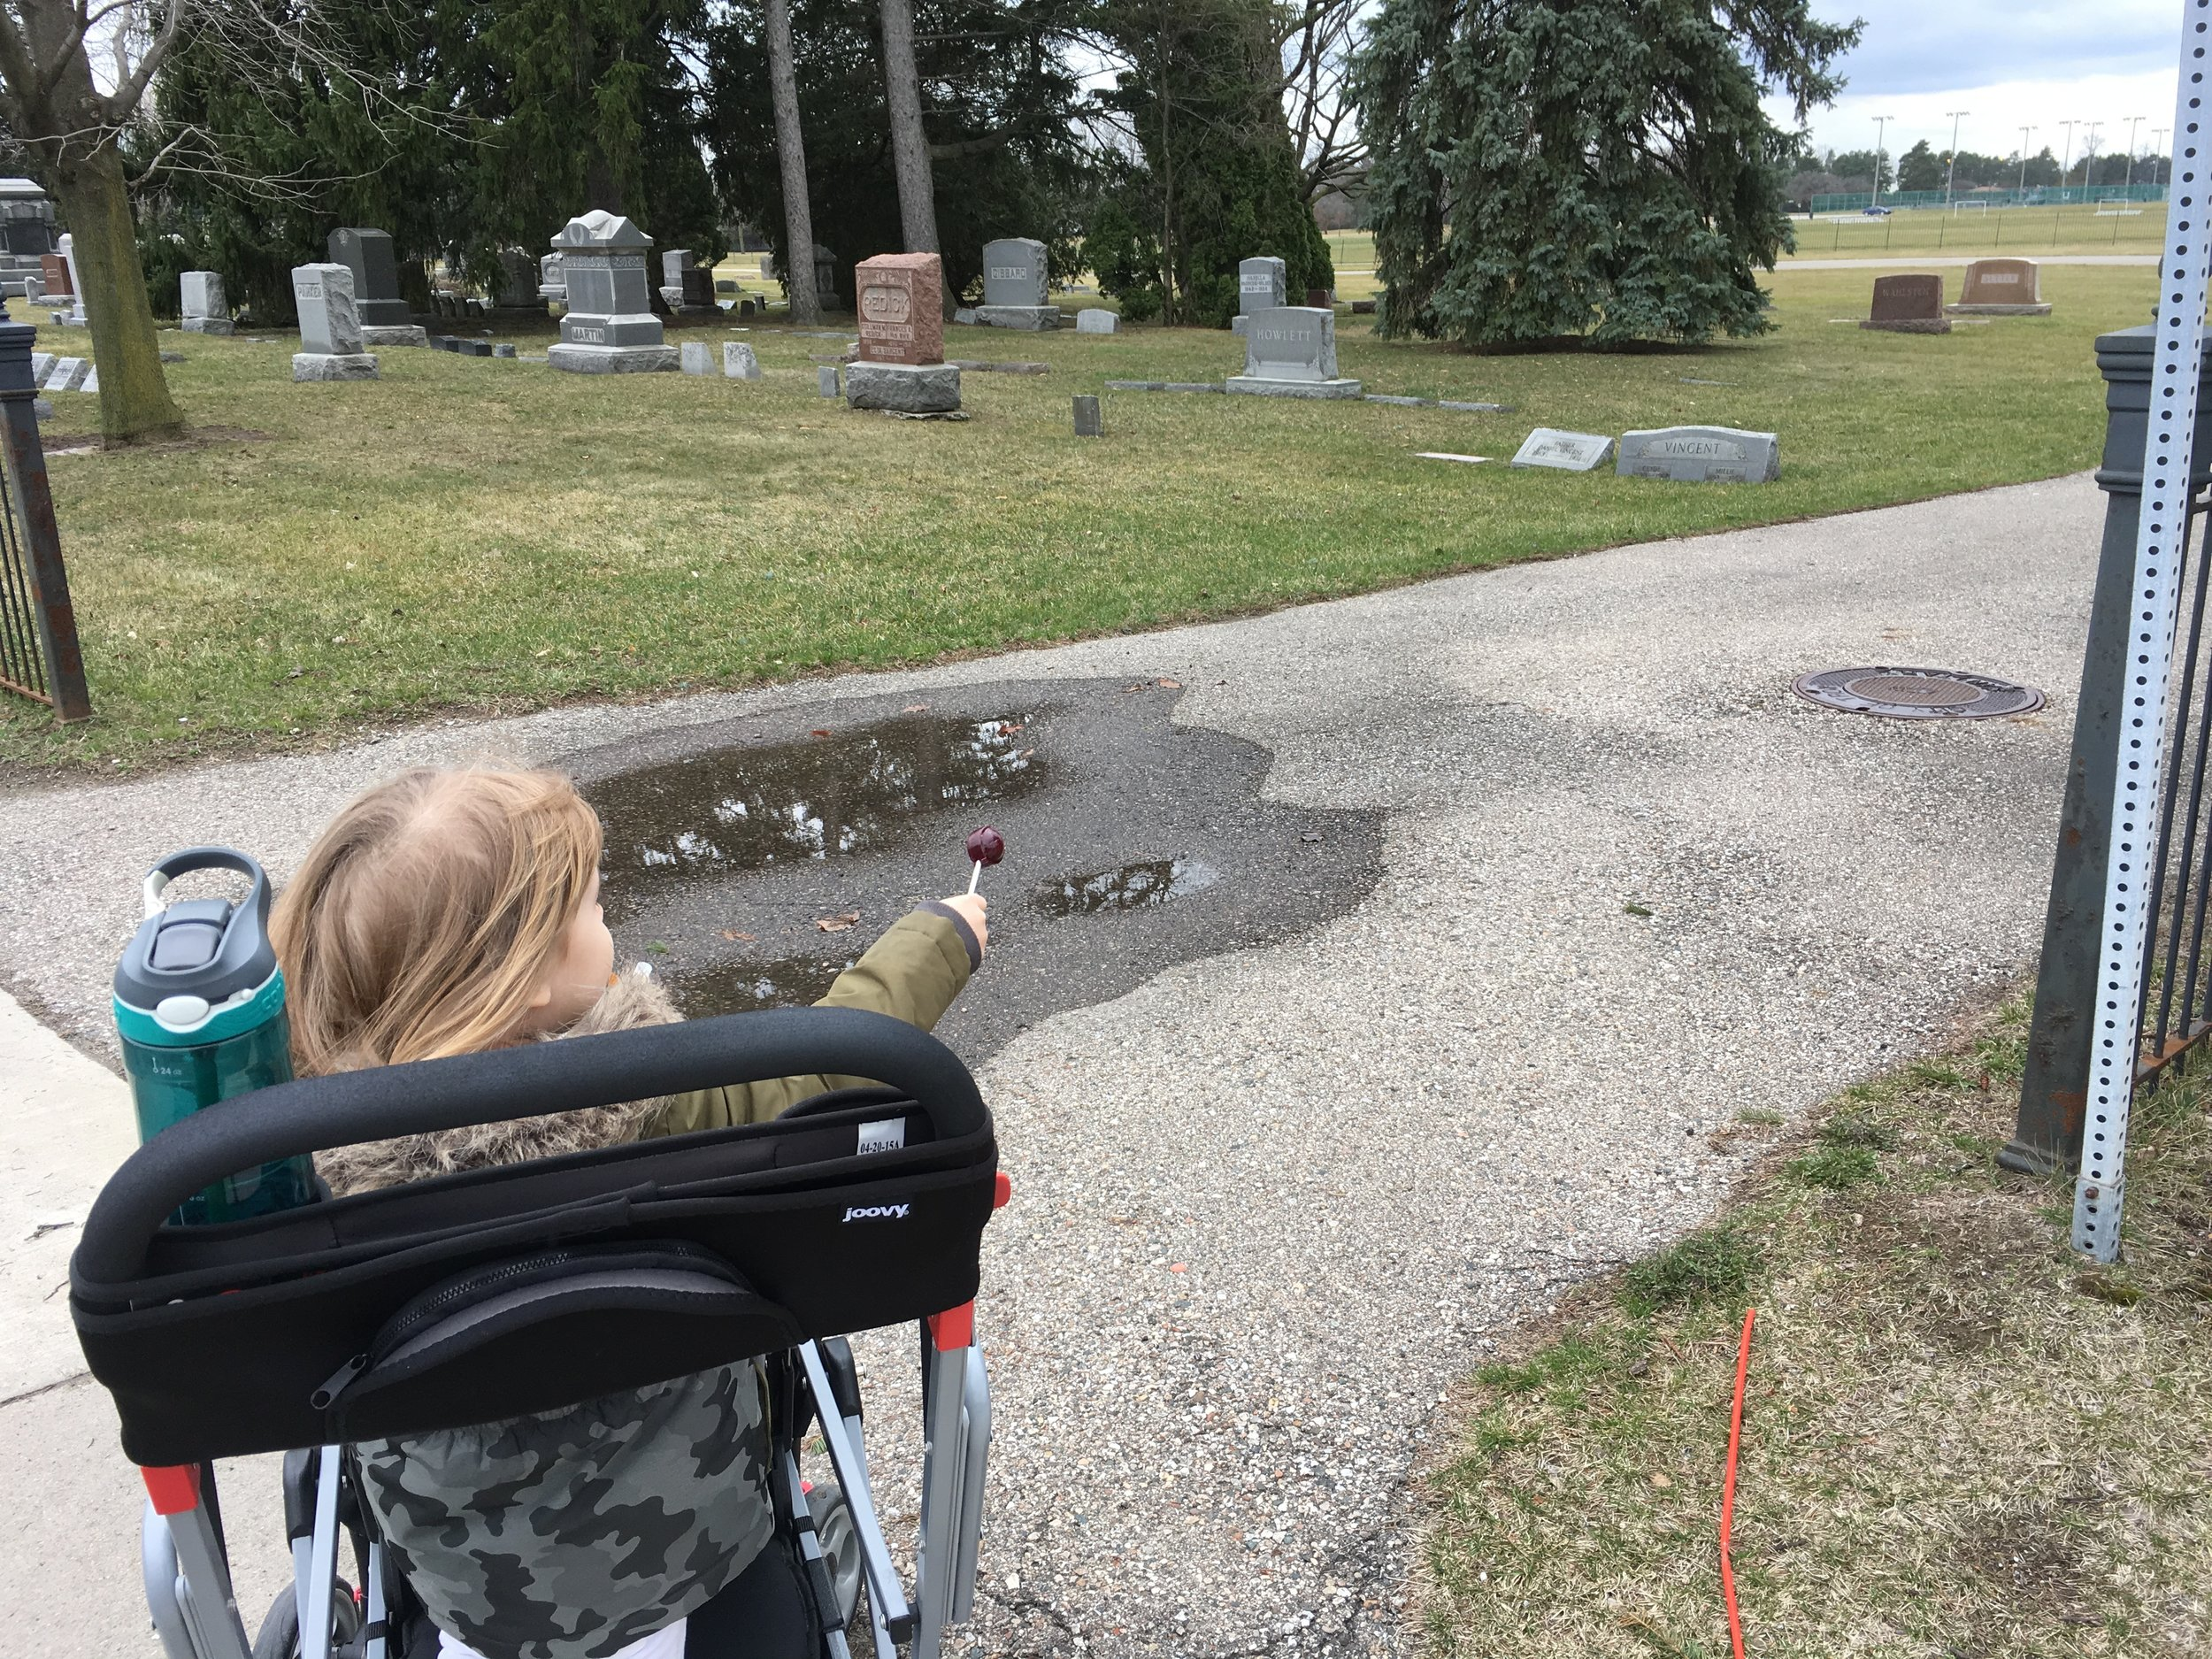 An unexpected walk through cemetery